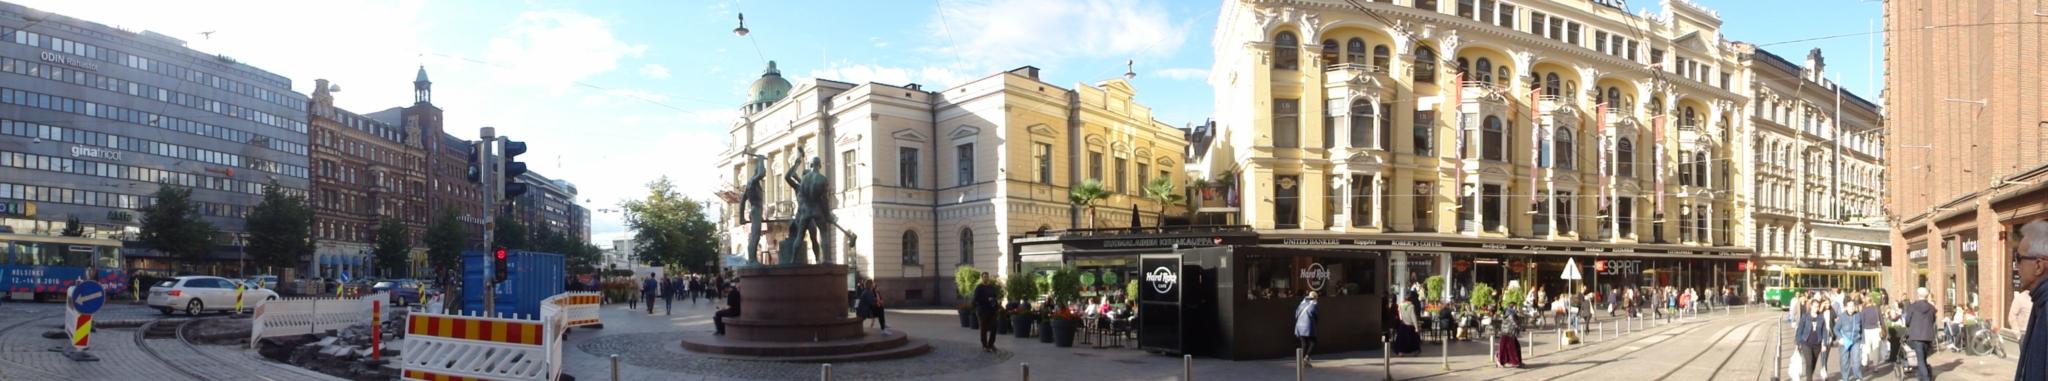 20160817 Helsinki 20